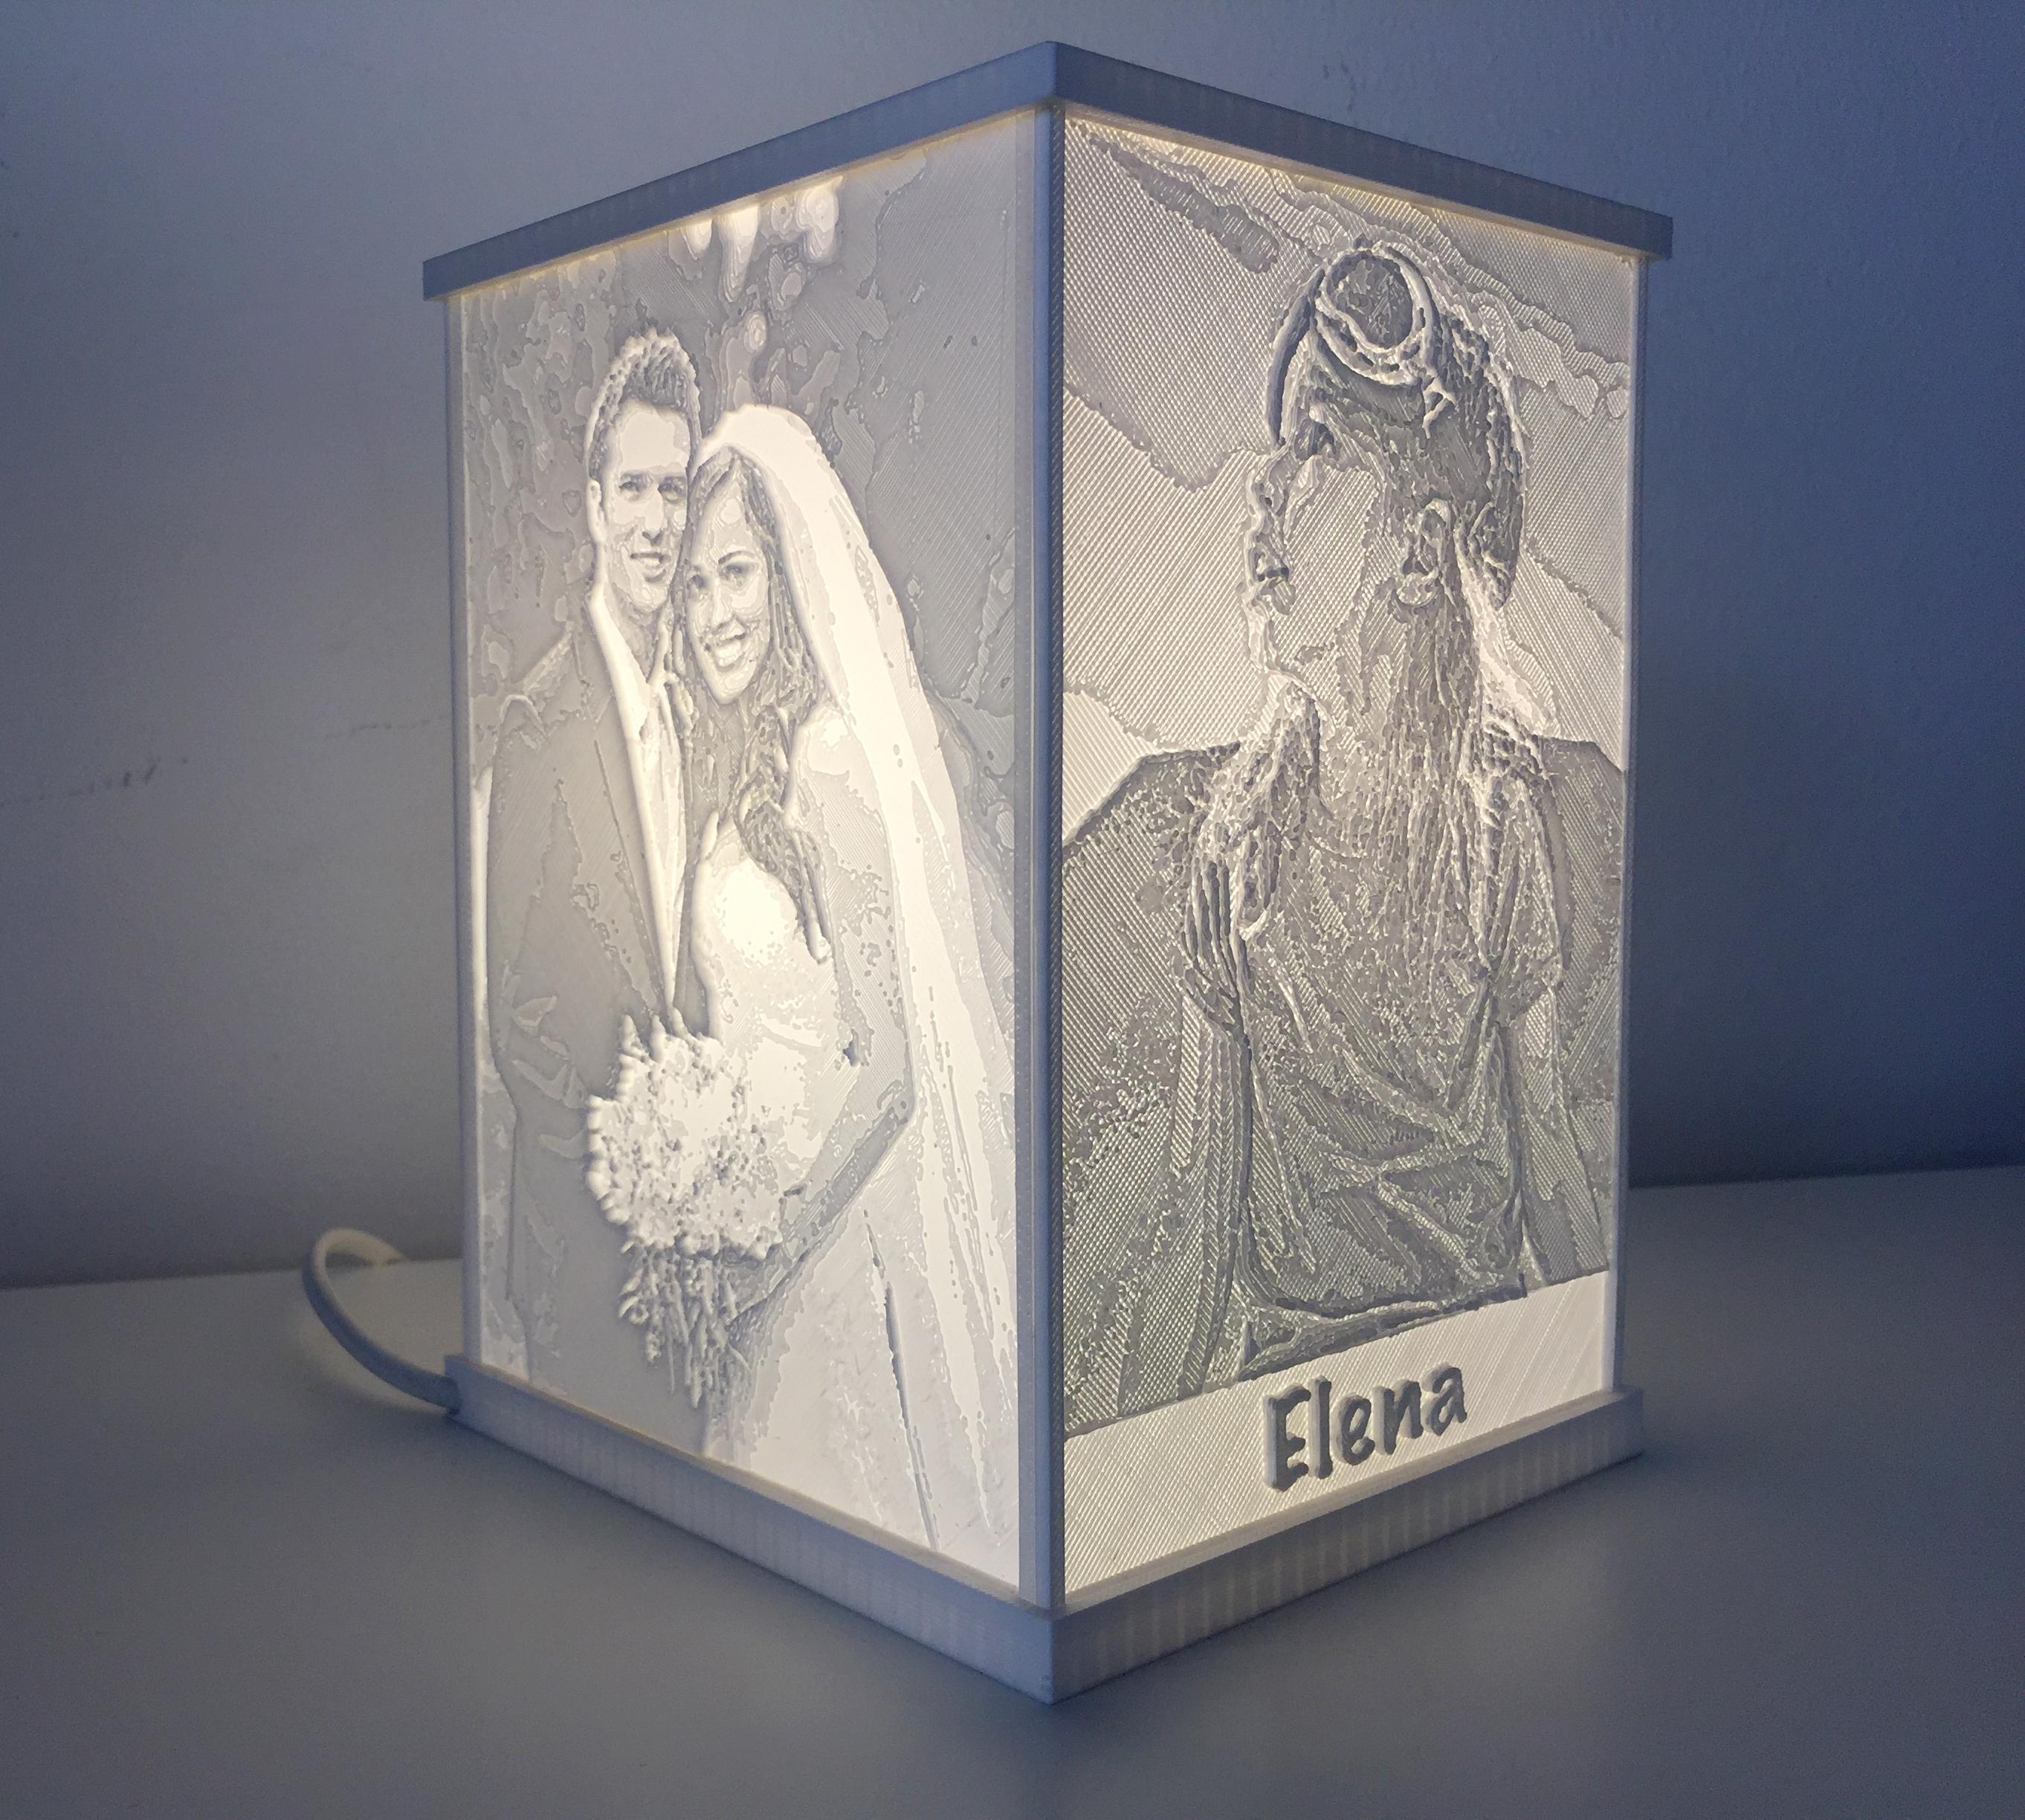 Lampada stampata con le TUE FOTO - 13x18 LITO4(13x18)